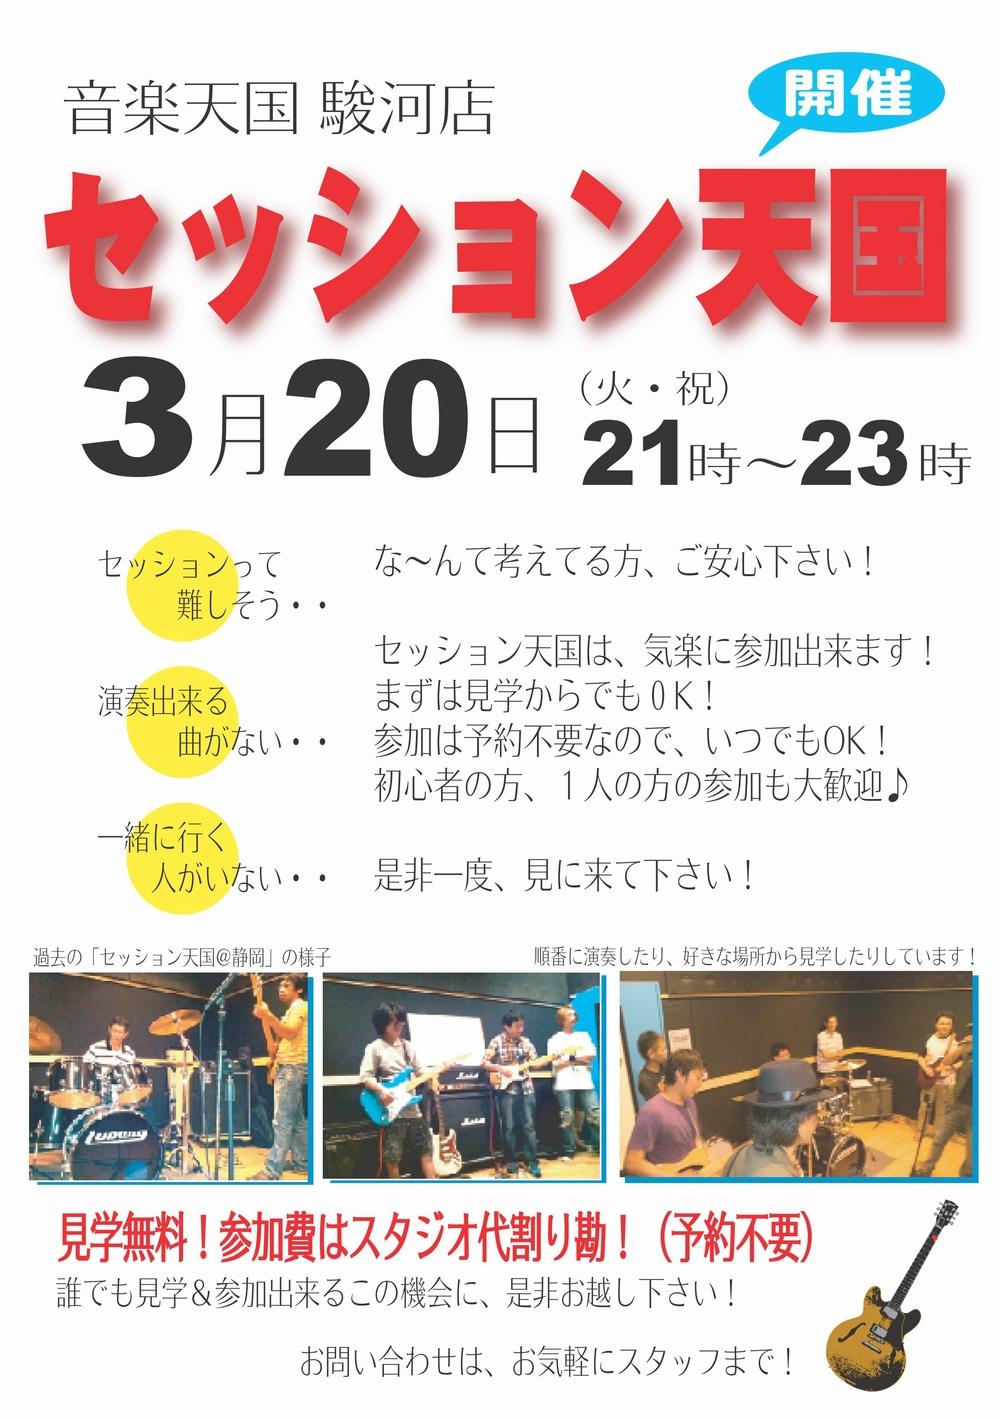 セッション天国@静岡駿河店3月20日(火・祝)開催!